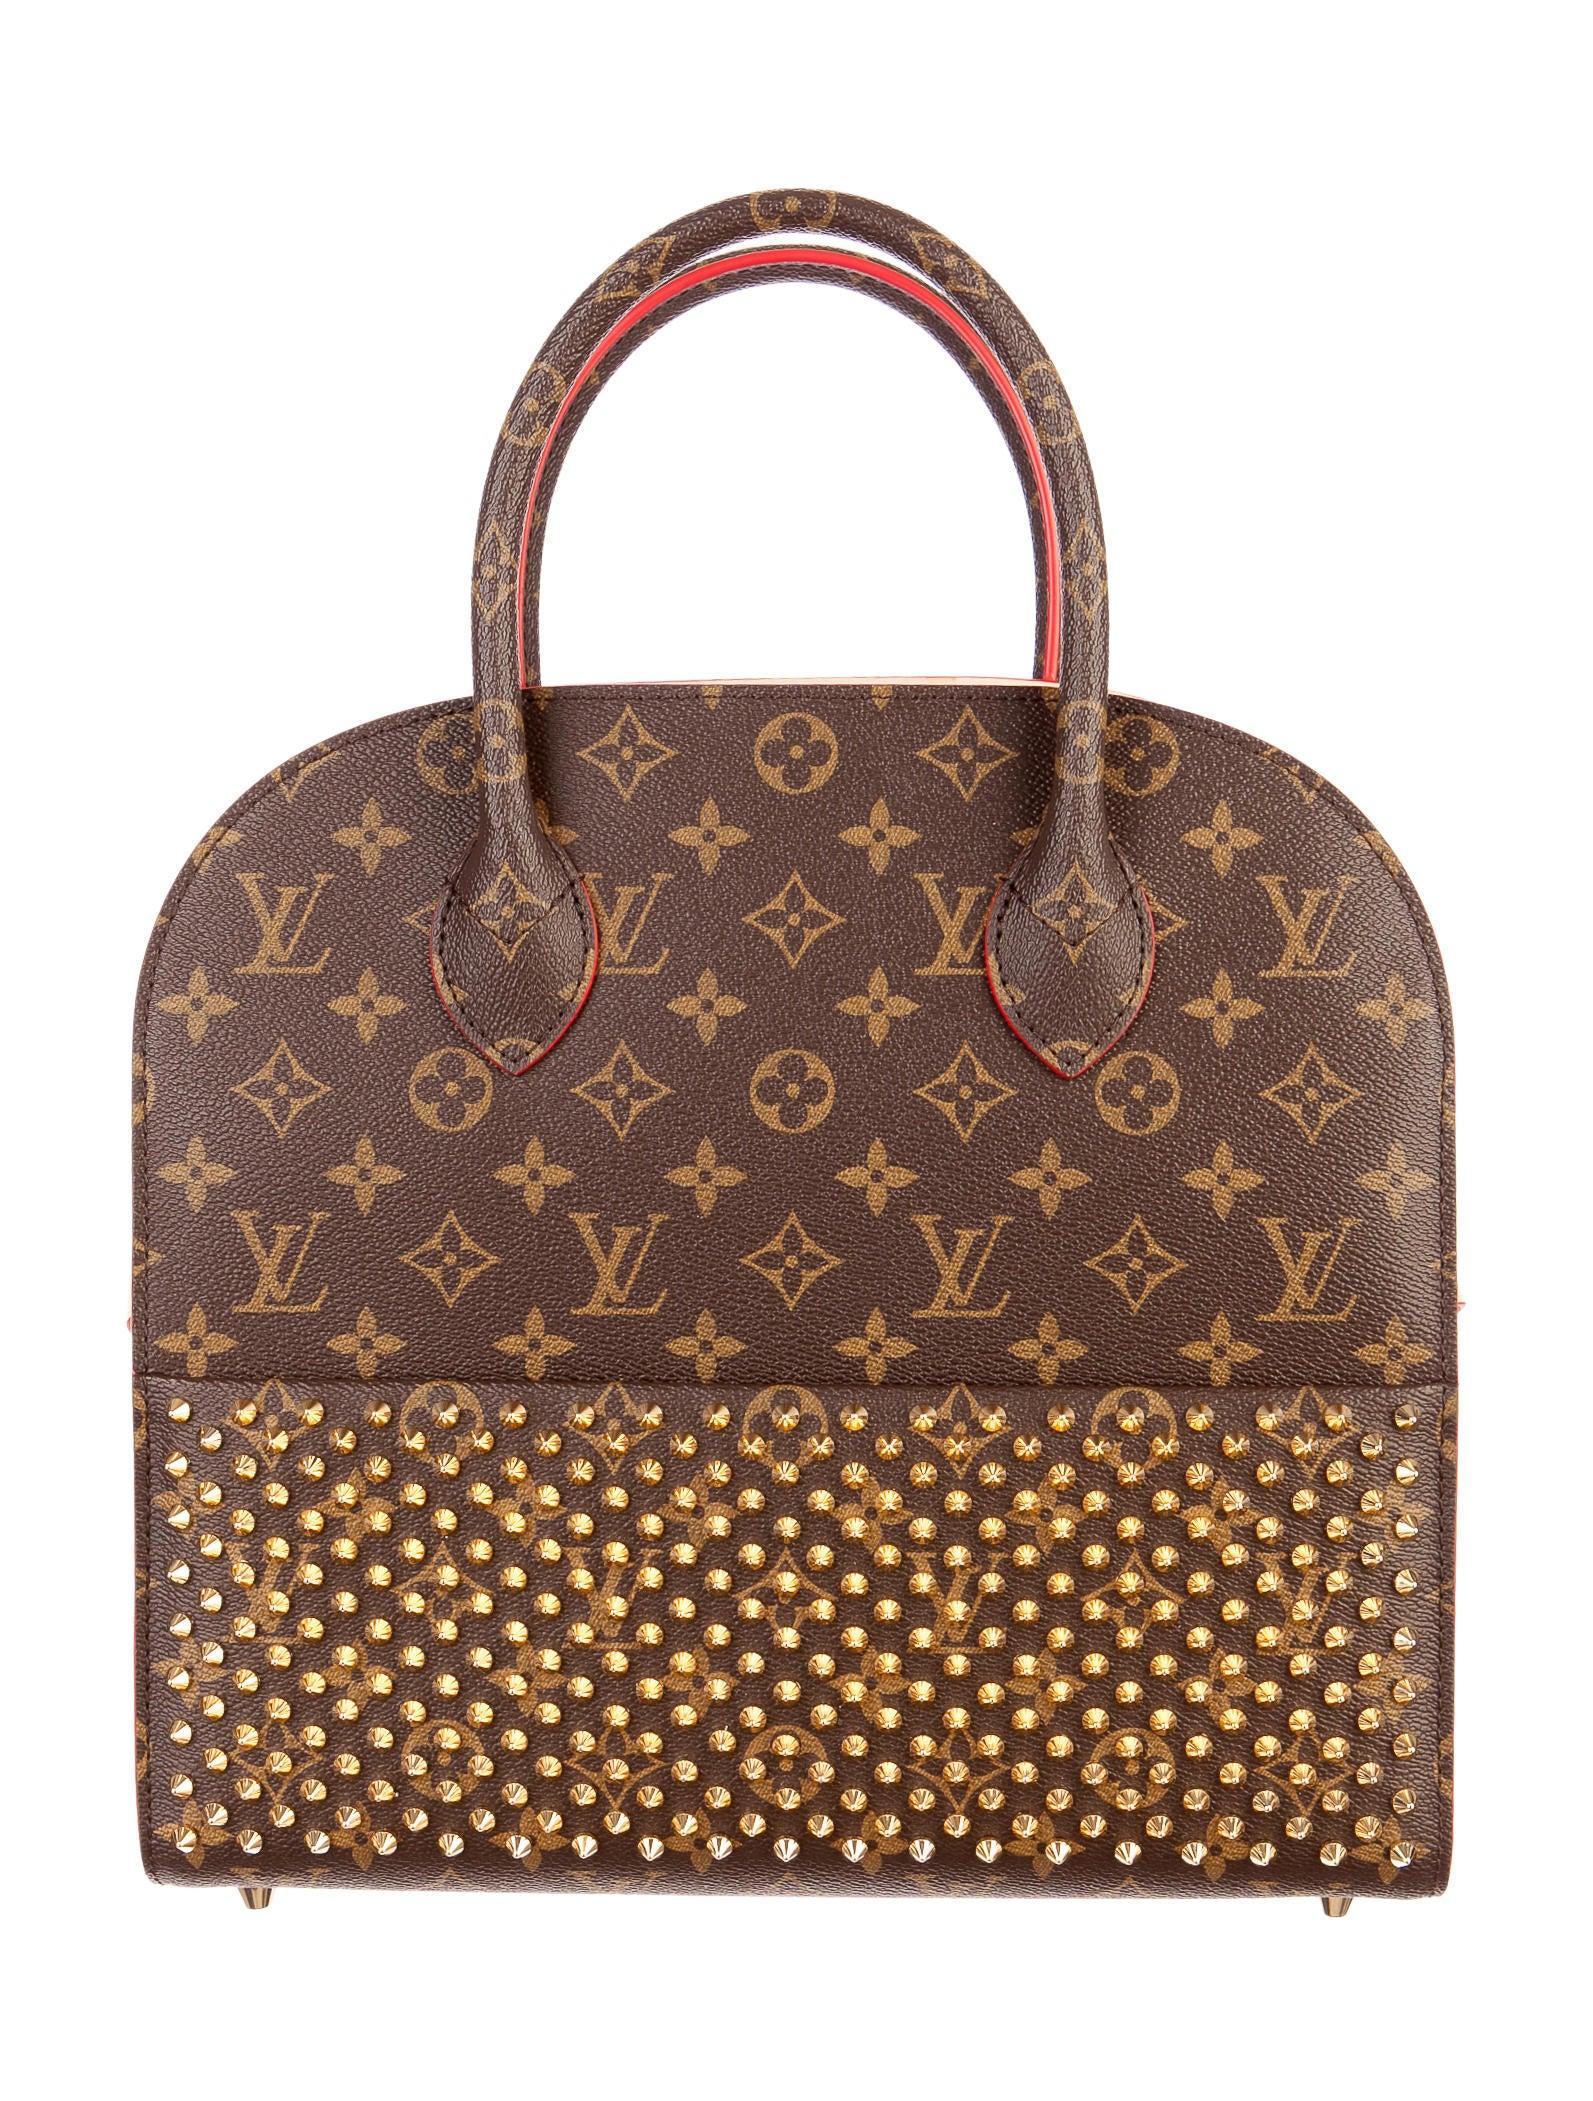 Louis Vuitton X Christian Louboutin Shopping Bag ...